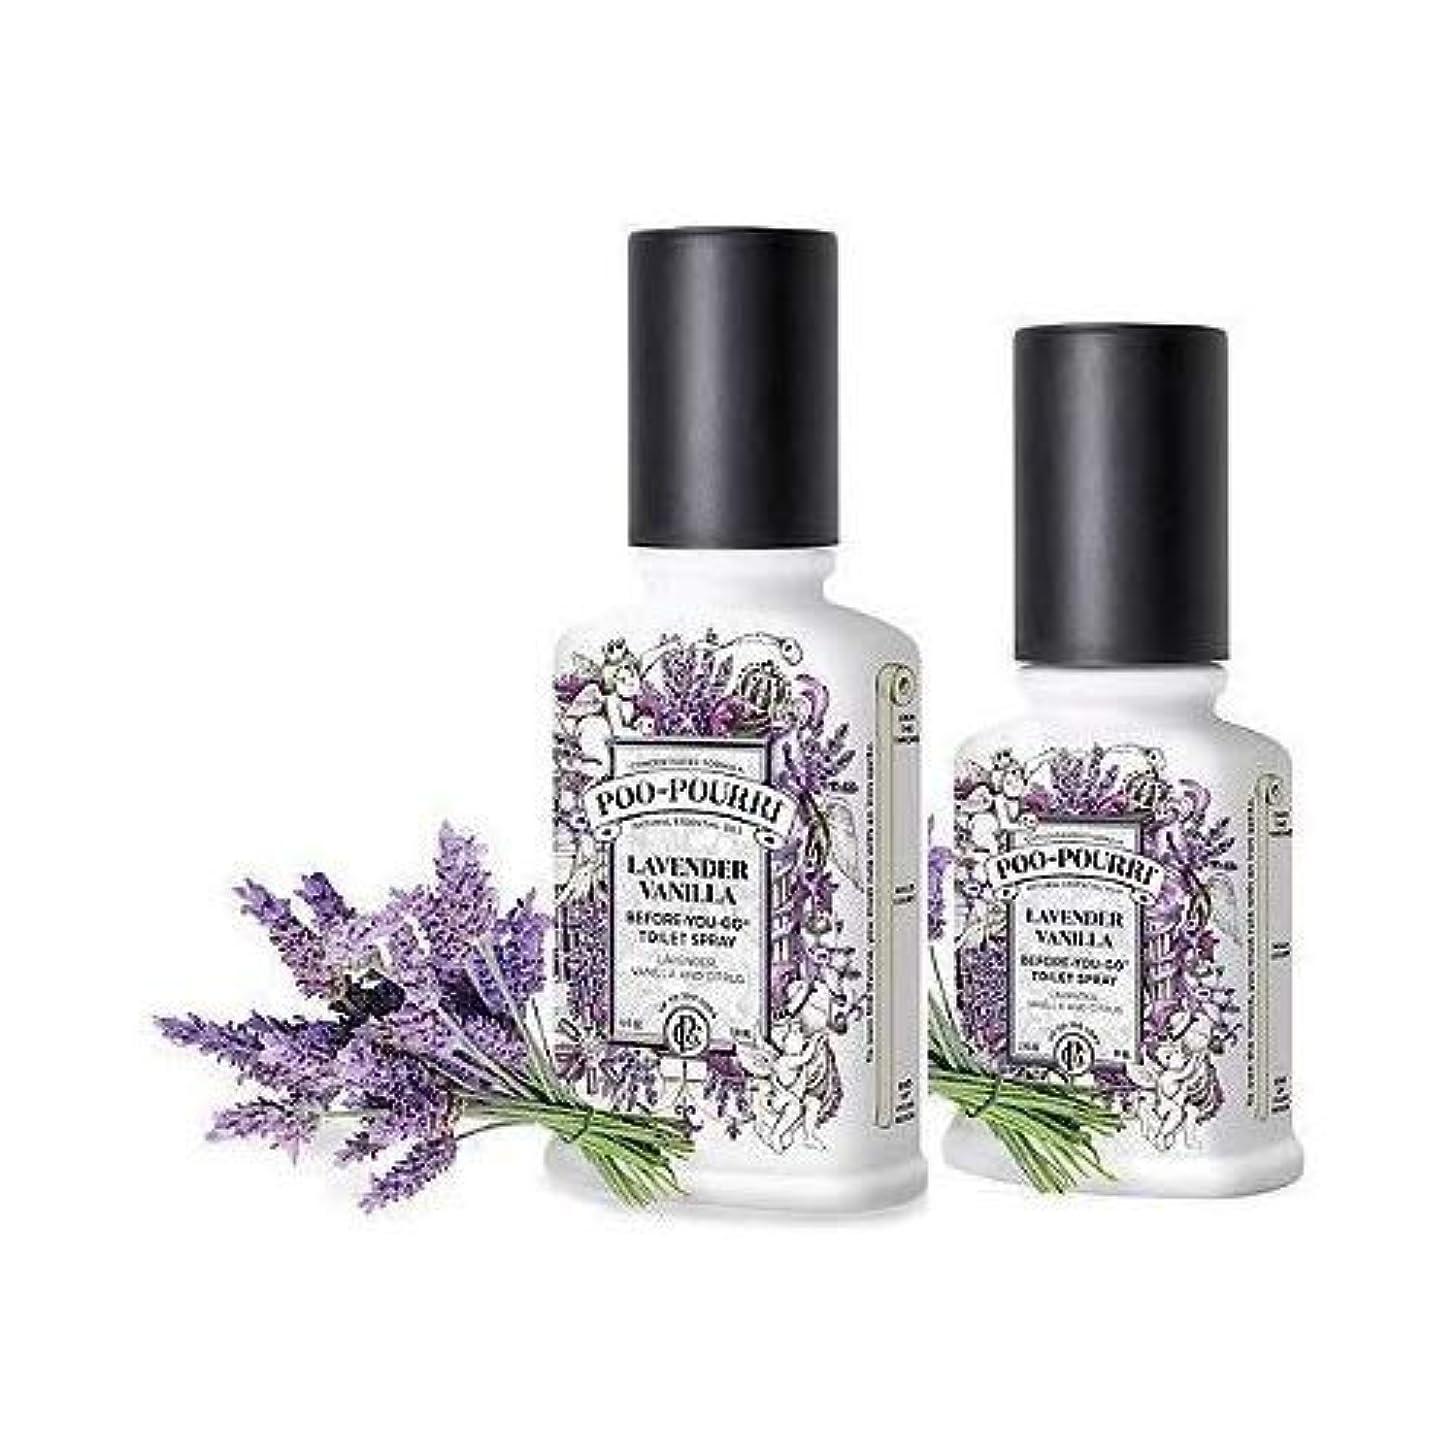 酸化する組み込む階段(Lavender Vanilla) - Poo-Pourri Preventive Bathroom Odour Spray 2-Piece Set, Includes 60ml and 120ml Bottle, Lavender...